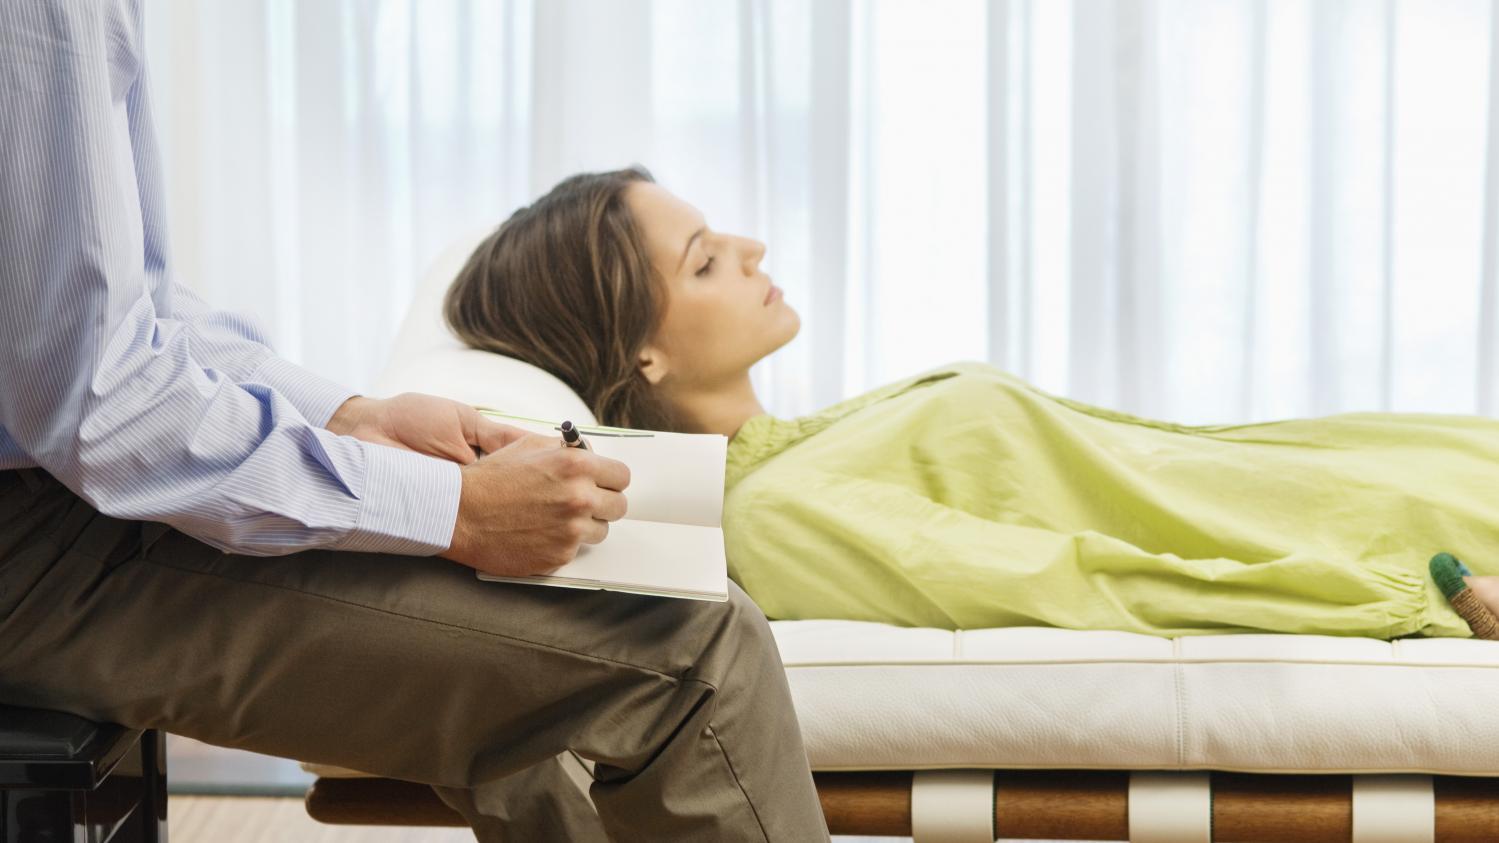 il m 39 a saut dessus en fin de s ance des patientes racontent comment des psychiatres ont. Black Bedroom Furniture Sets. Home Design Ideas